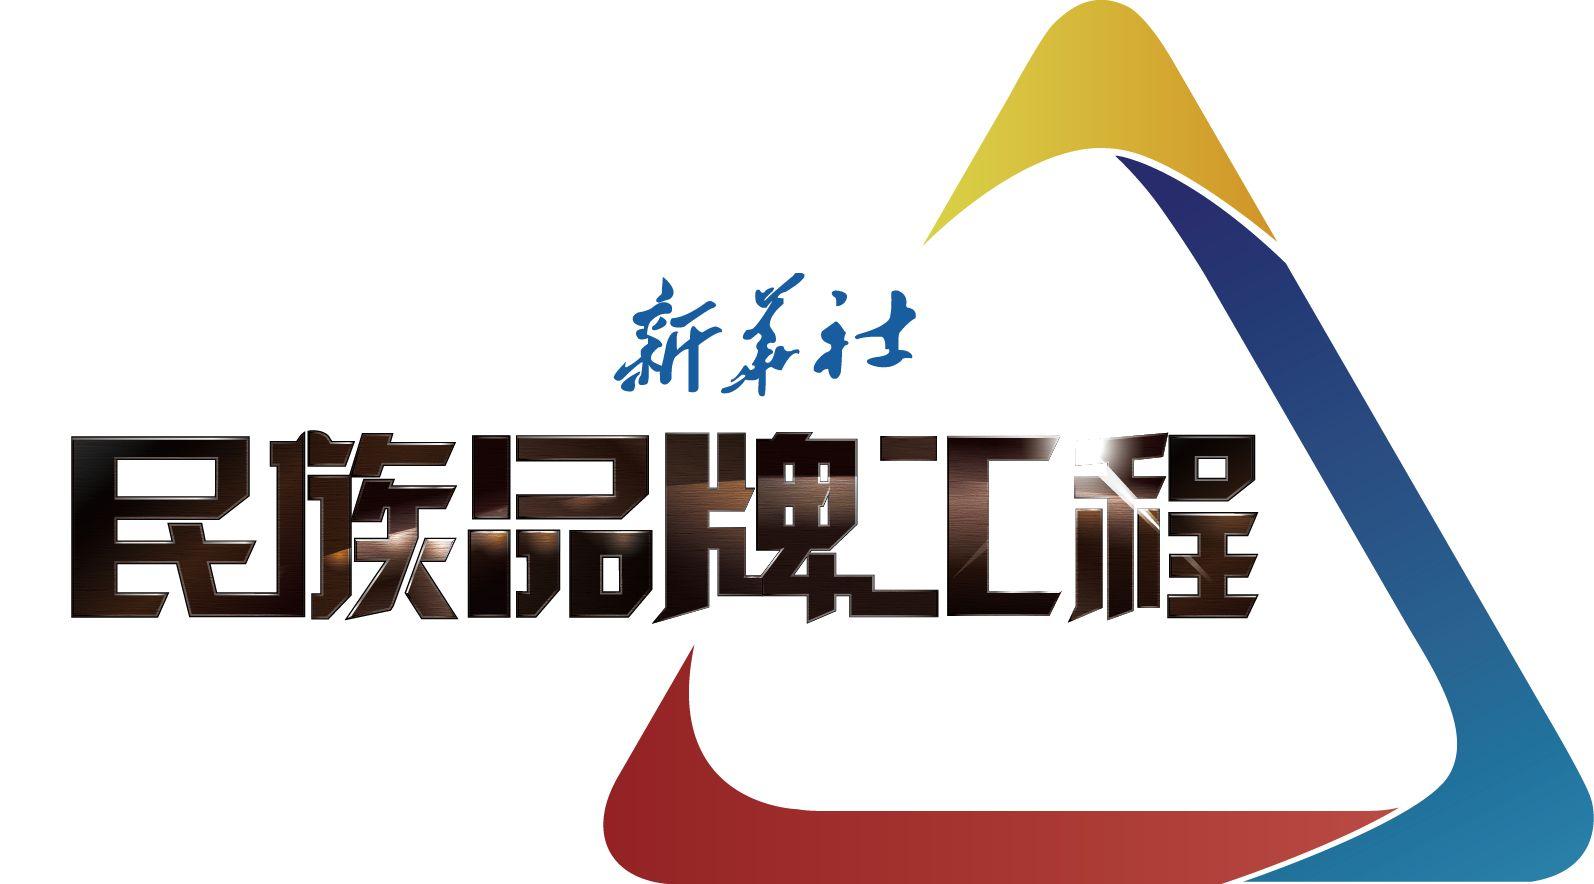 支付宝推出蓝宝书《商务中文50句》 外国商户:简直是我们的福星!